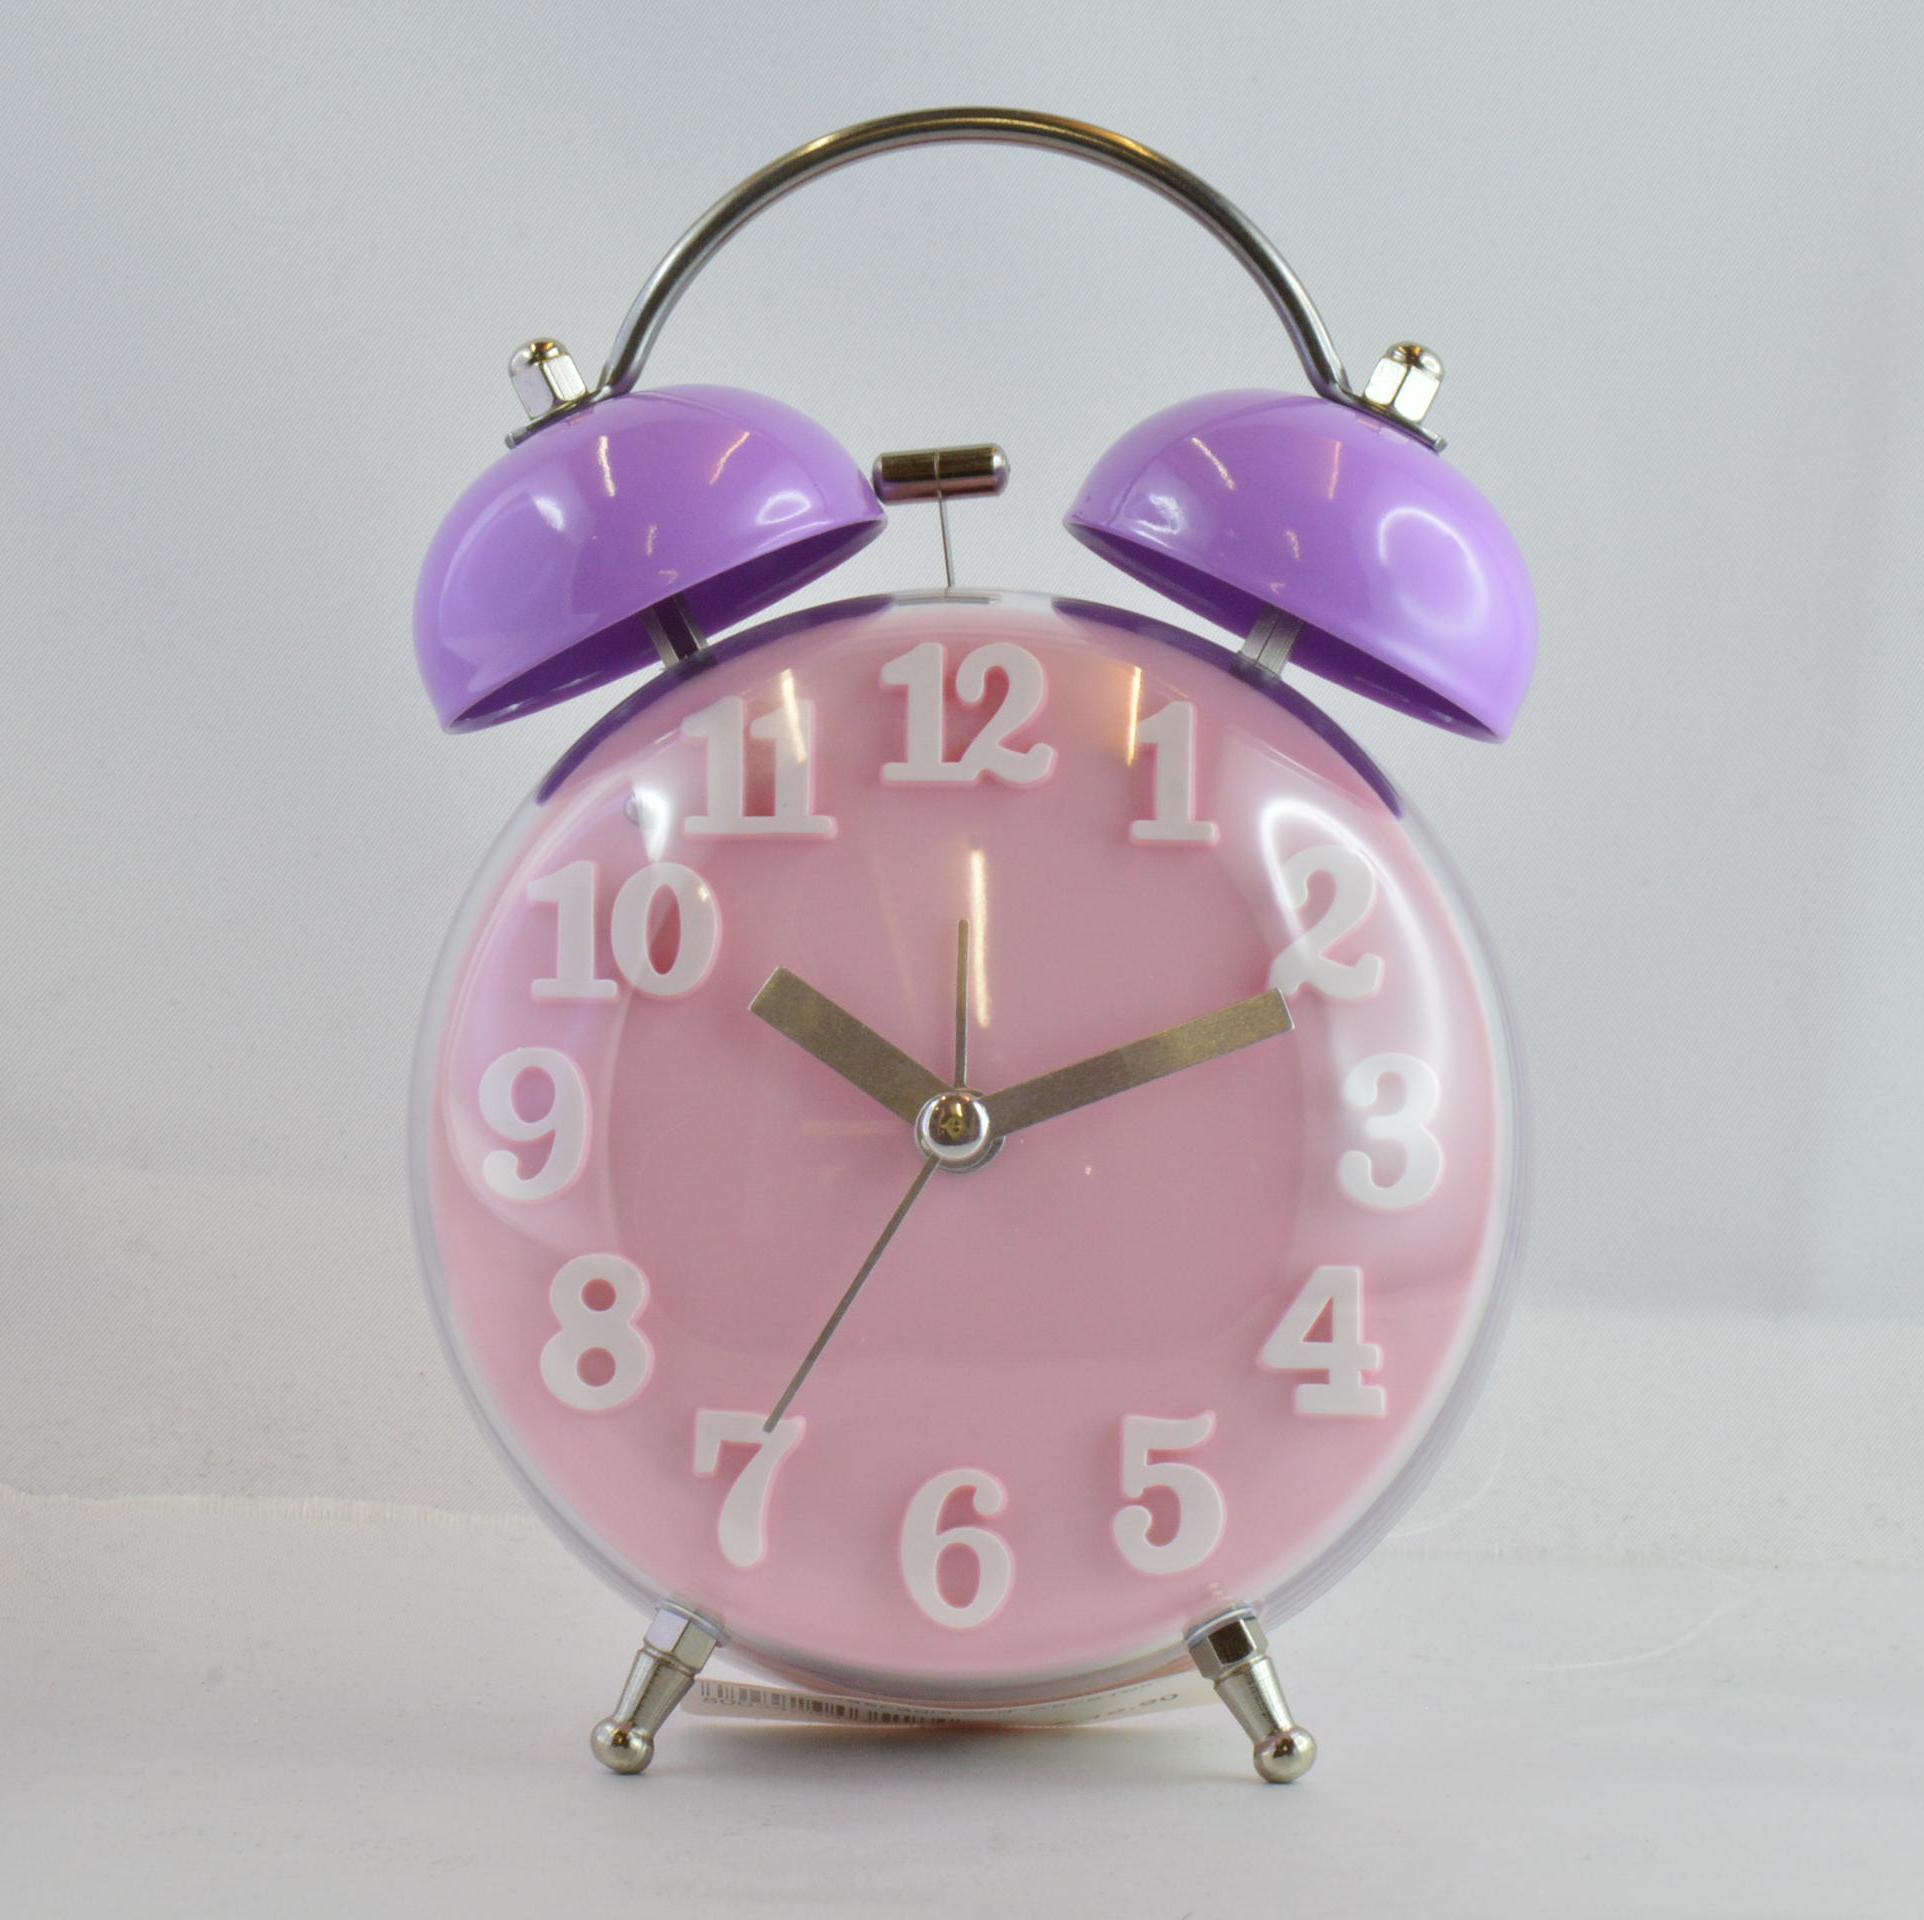 Sveglia Mascagni cod. A828 rosa